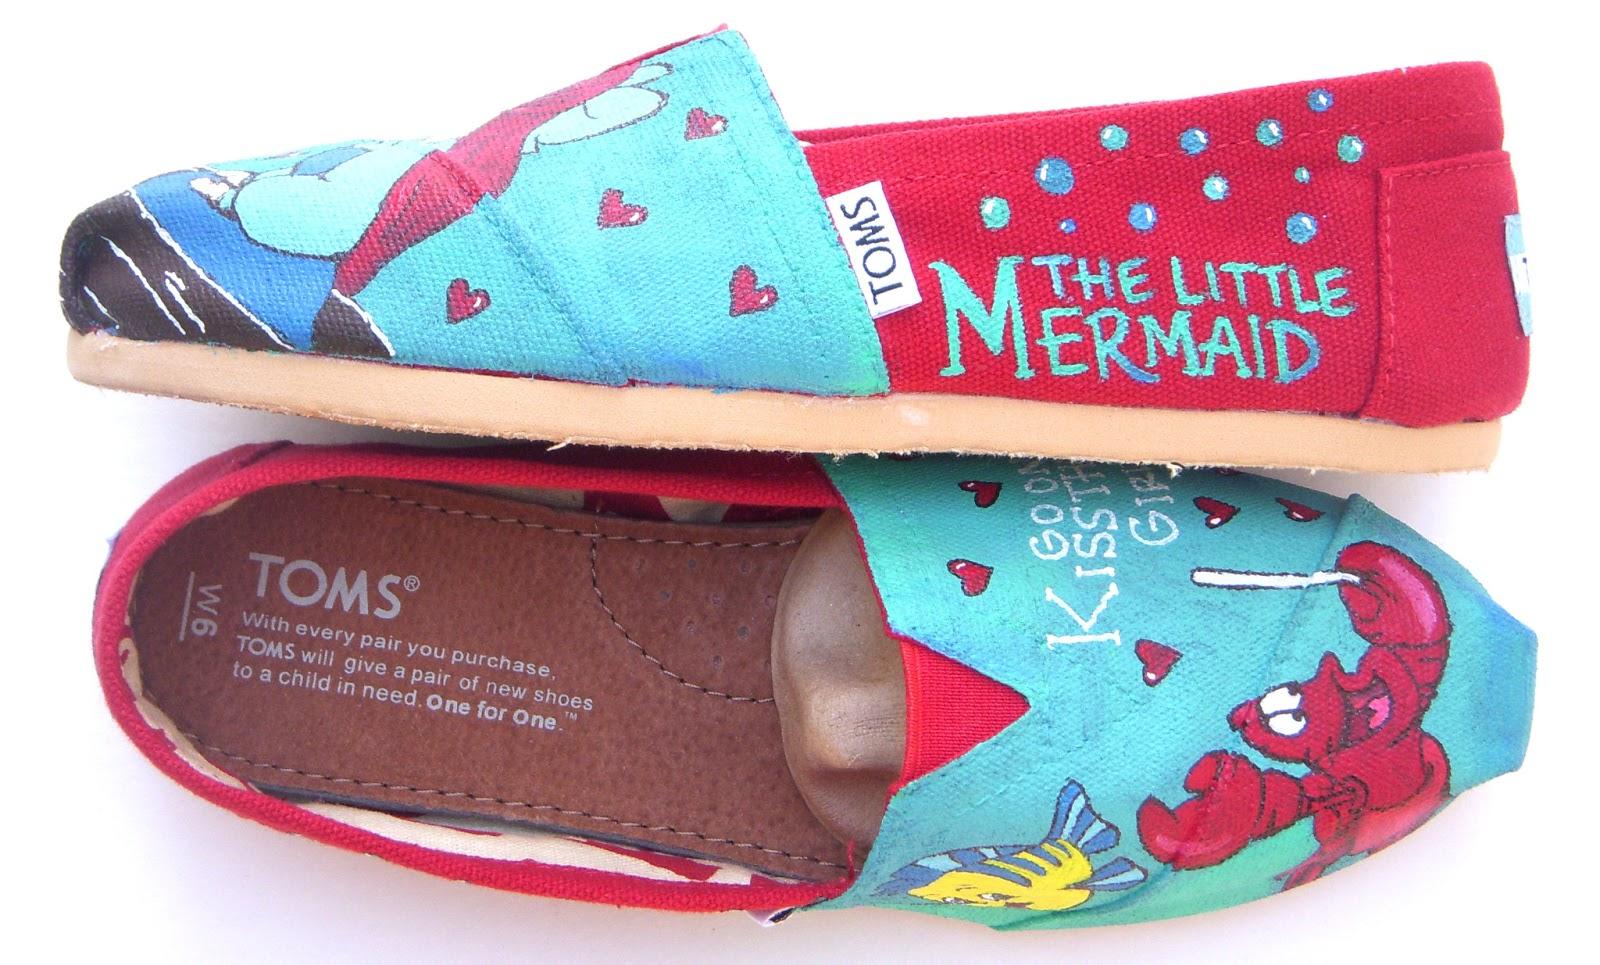 Design Your Own Home Nebraska Fruitful Feet The Little Mermaid Toms